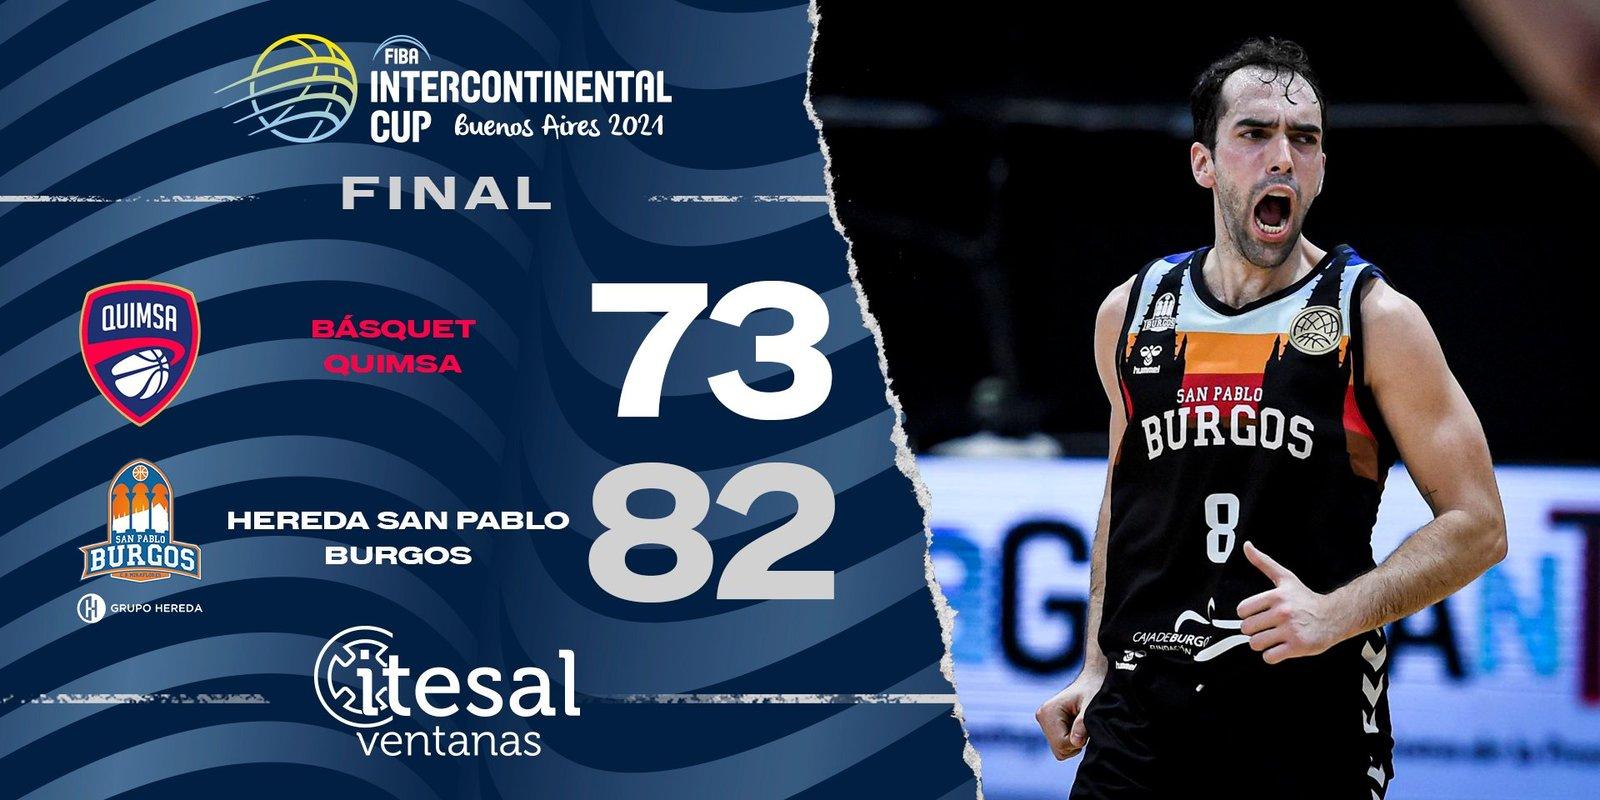 El San Pablo Burgos conquista la Copa Intercontinental (73-82)